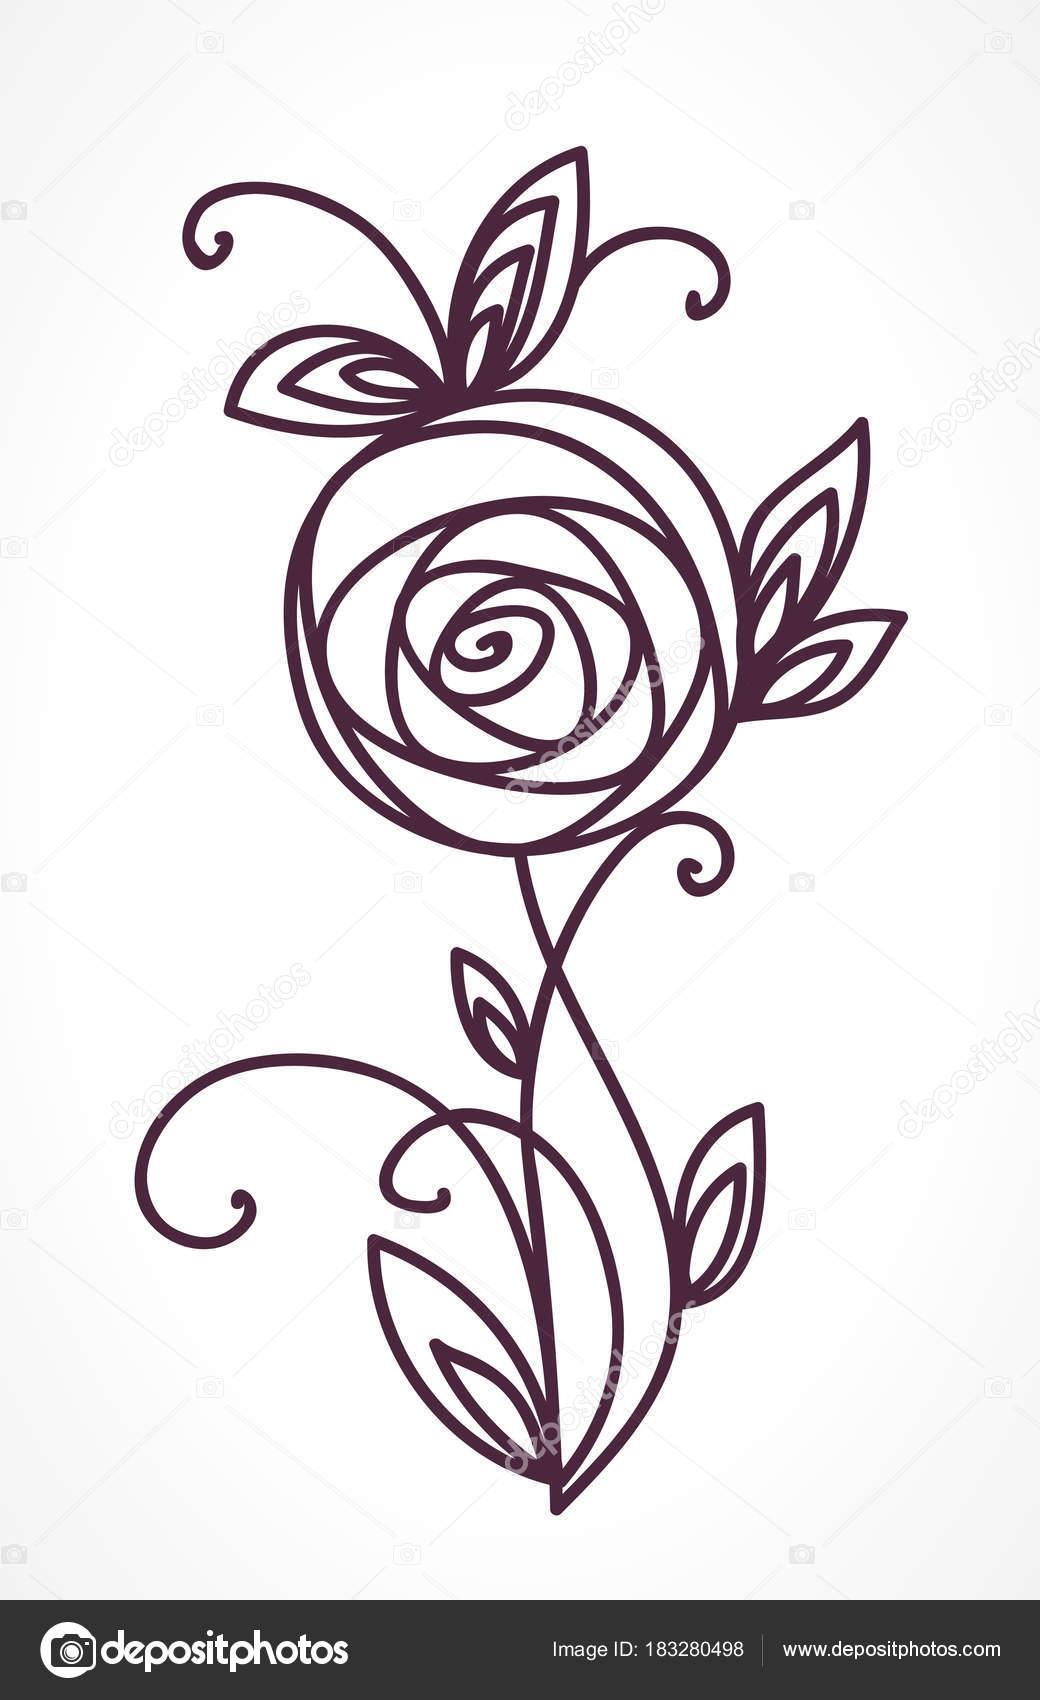 Main de bouquet de fleurs stylisées de dessin \u2014 Image vectorielle